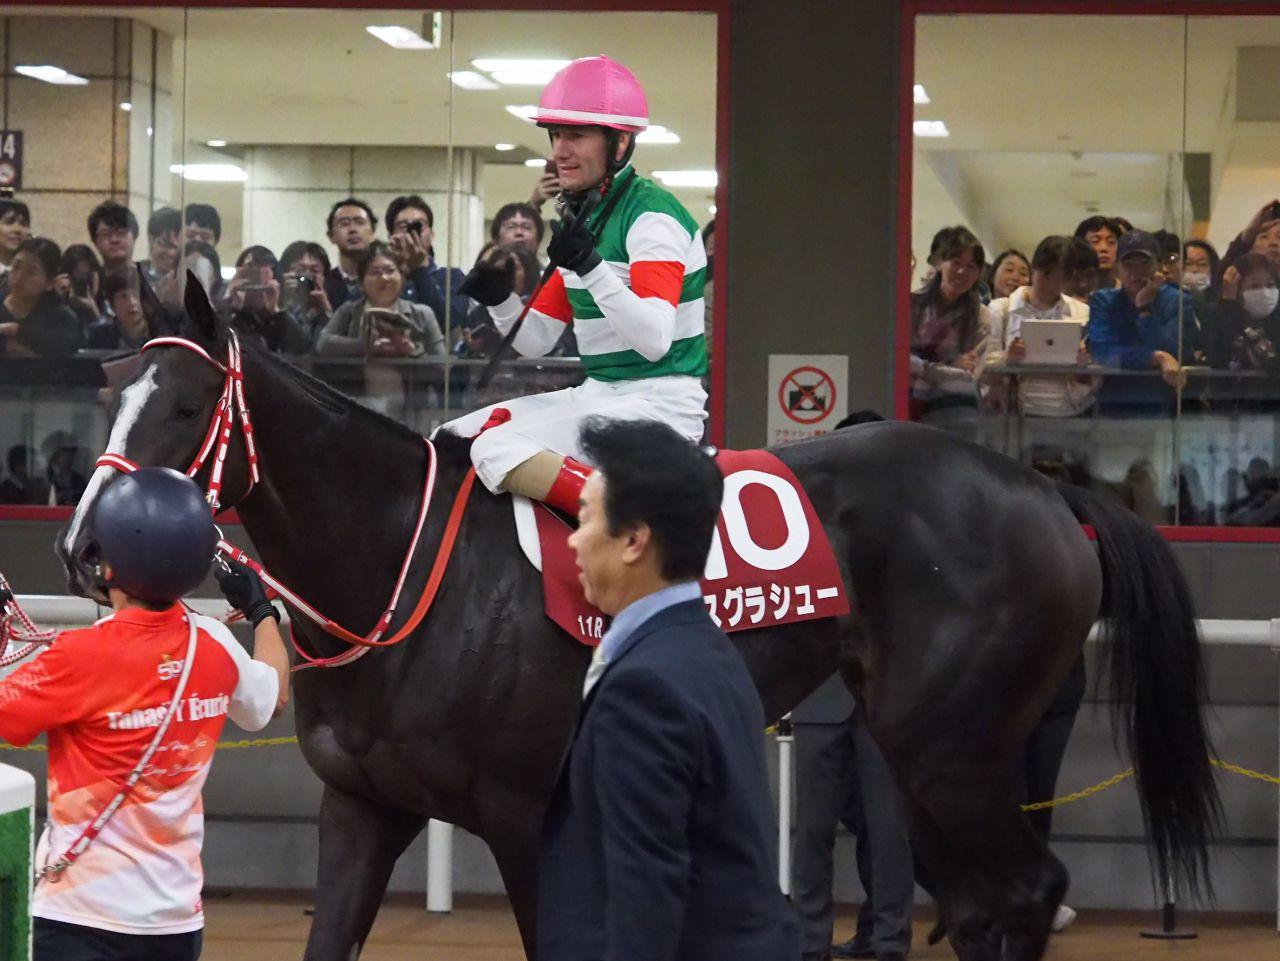 【府中牝馬S】デムーロ「勝った馬が強過ぎました」リスグラシュー32秒台の脚を使うも差される